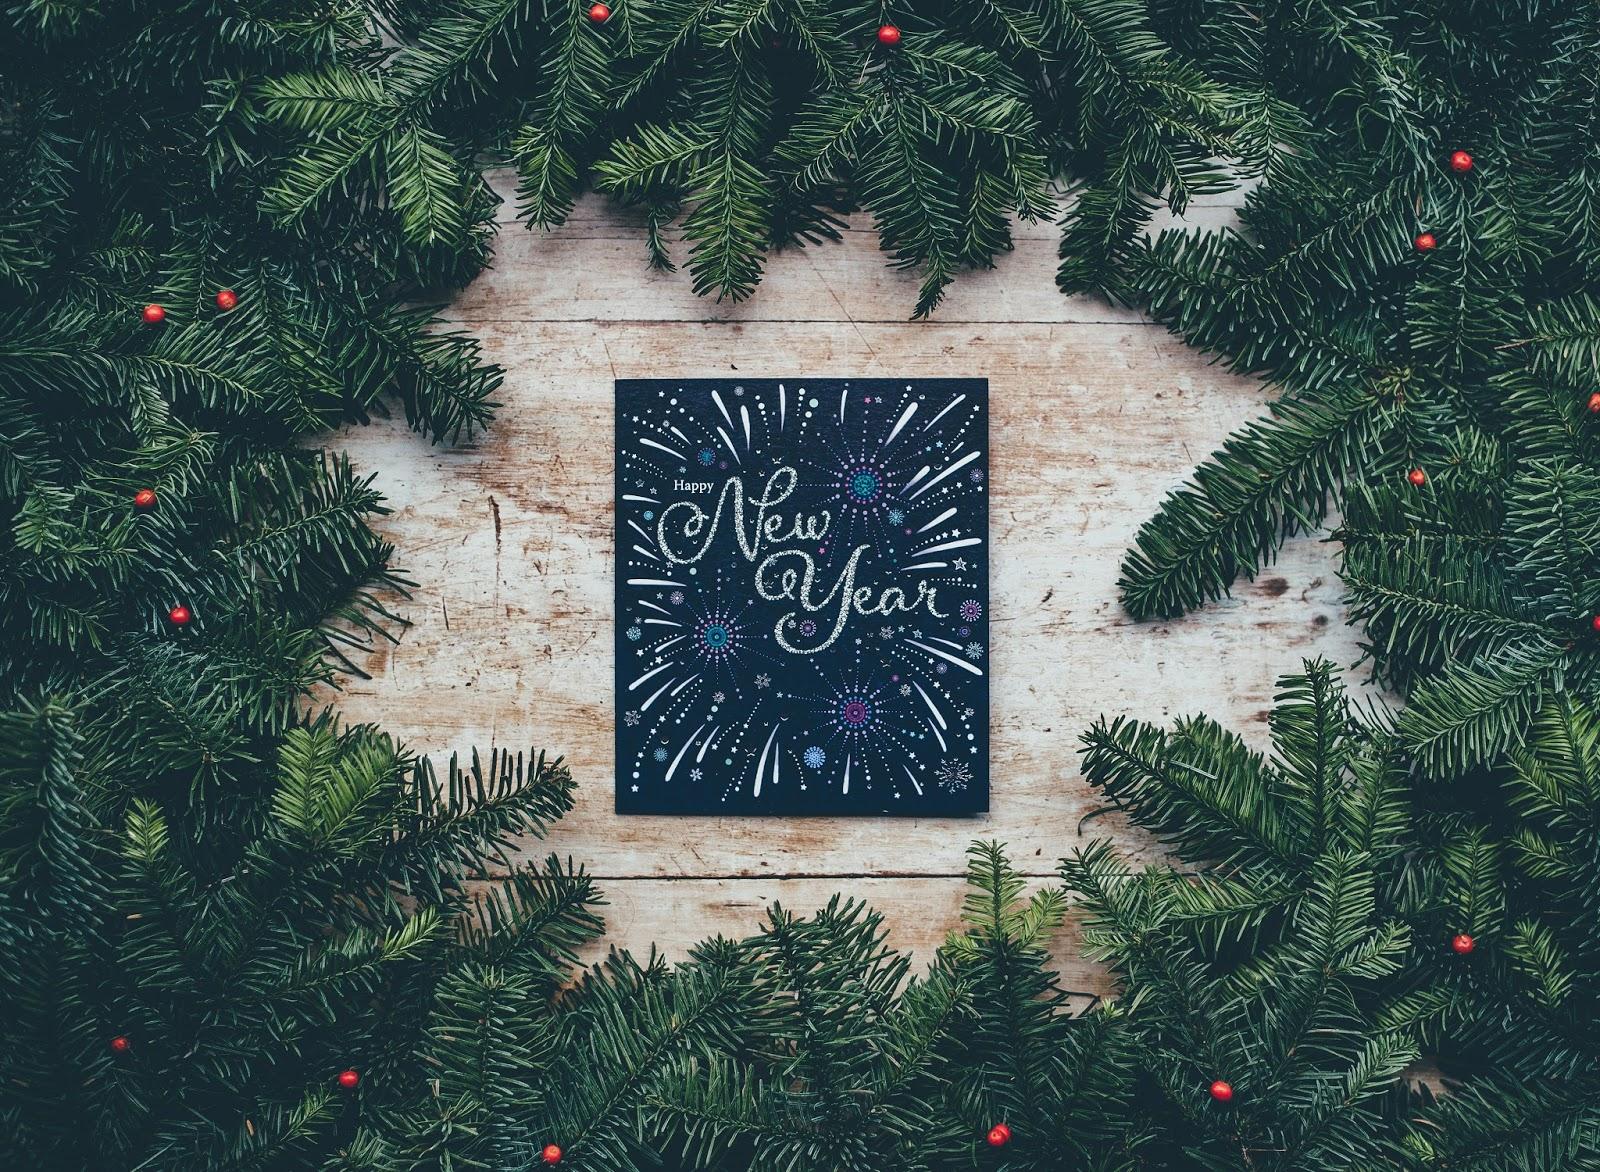 MIX INSPIRACJI #1: Mądrości na Nowy Rok